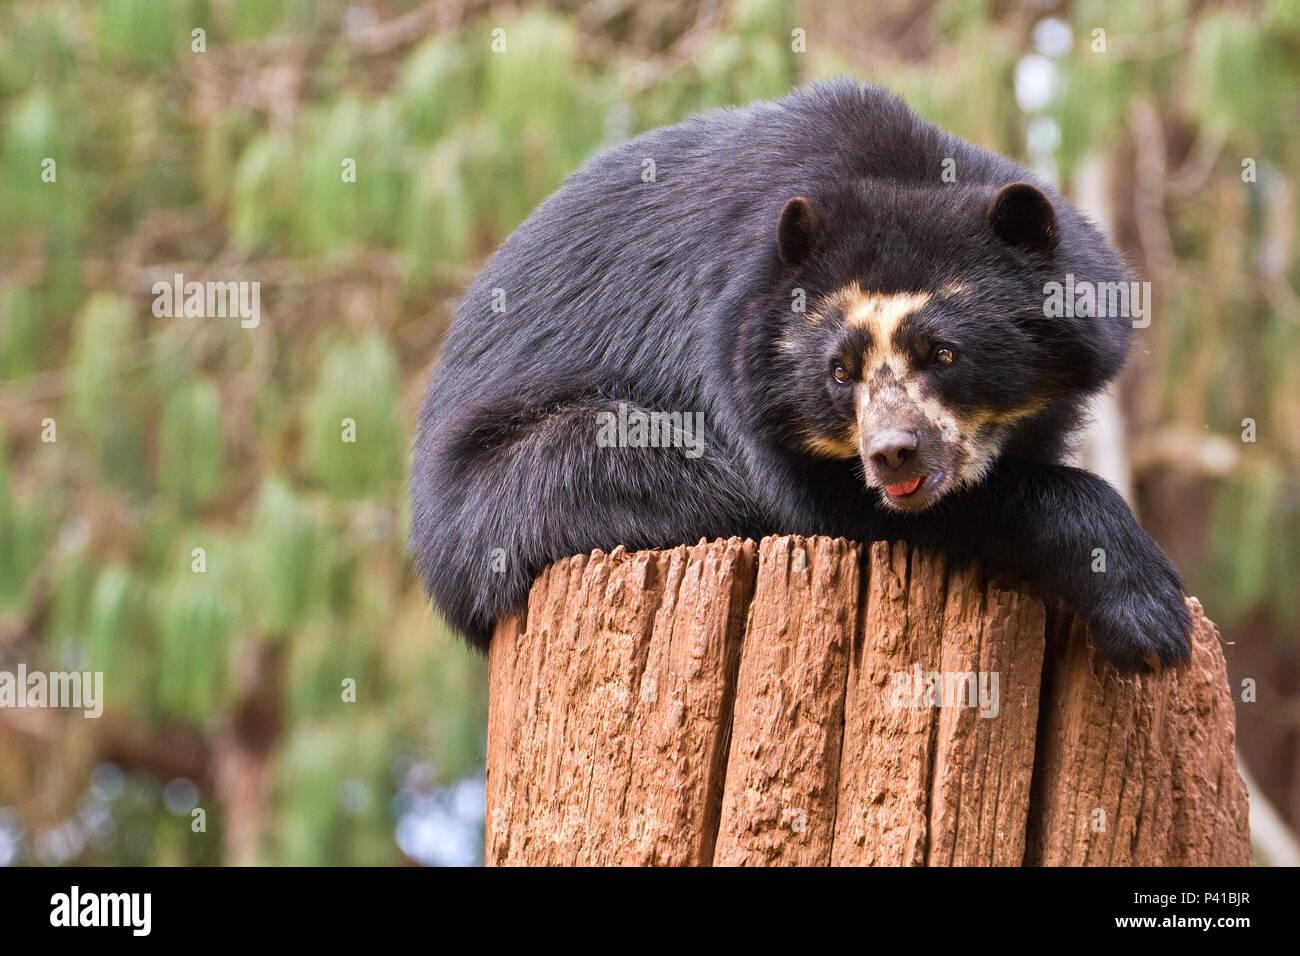 Urso-de-óculos; Tremarctos ornatus; animal; Fauna; Natureza; Zoológico de São Carlos; Estado de São Paulo; Brasil; São carlos; Interior do Estado de São Paulo Stock Photo